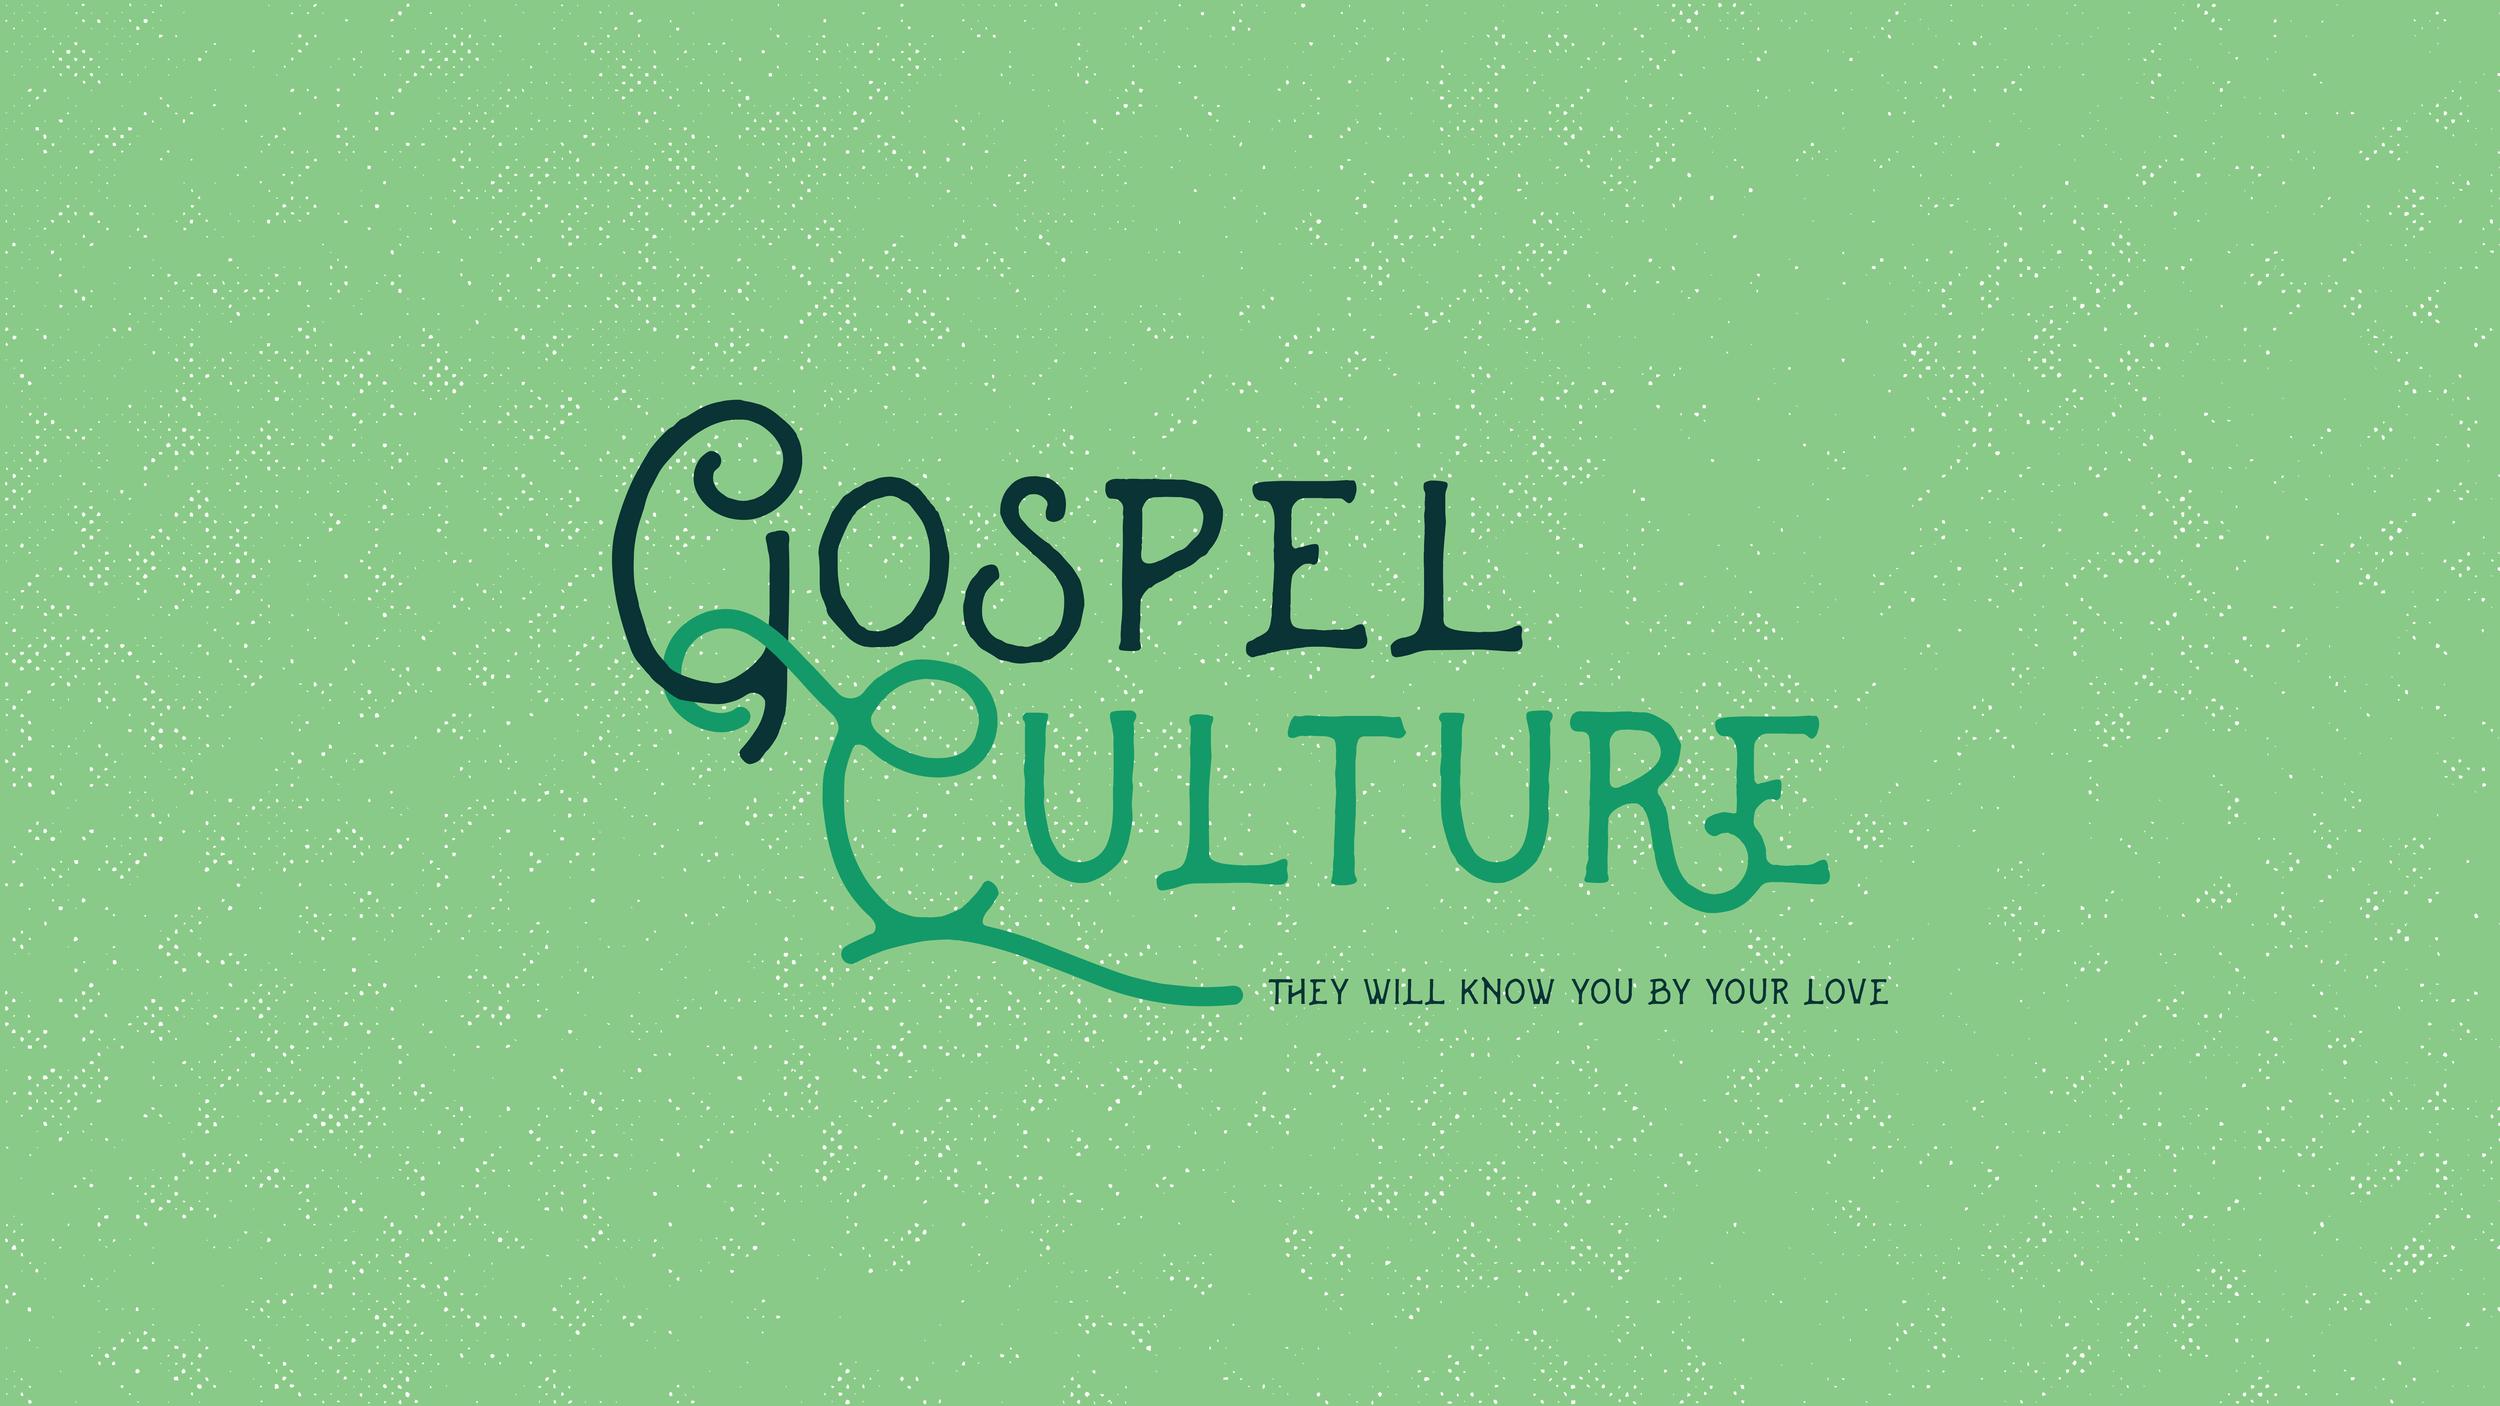 Gospel culture_Main Title.png